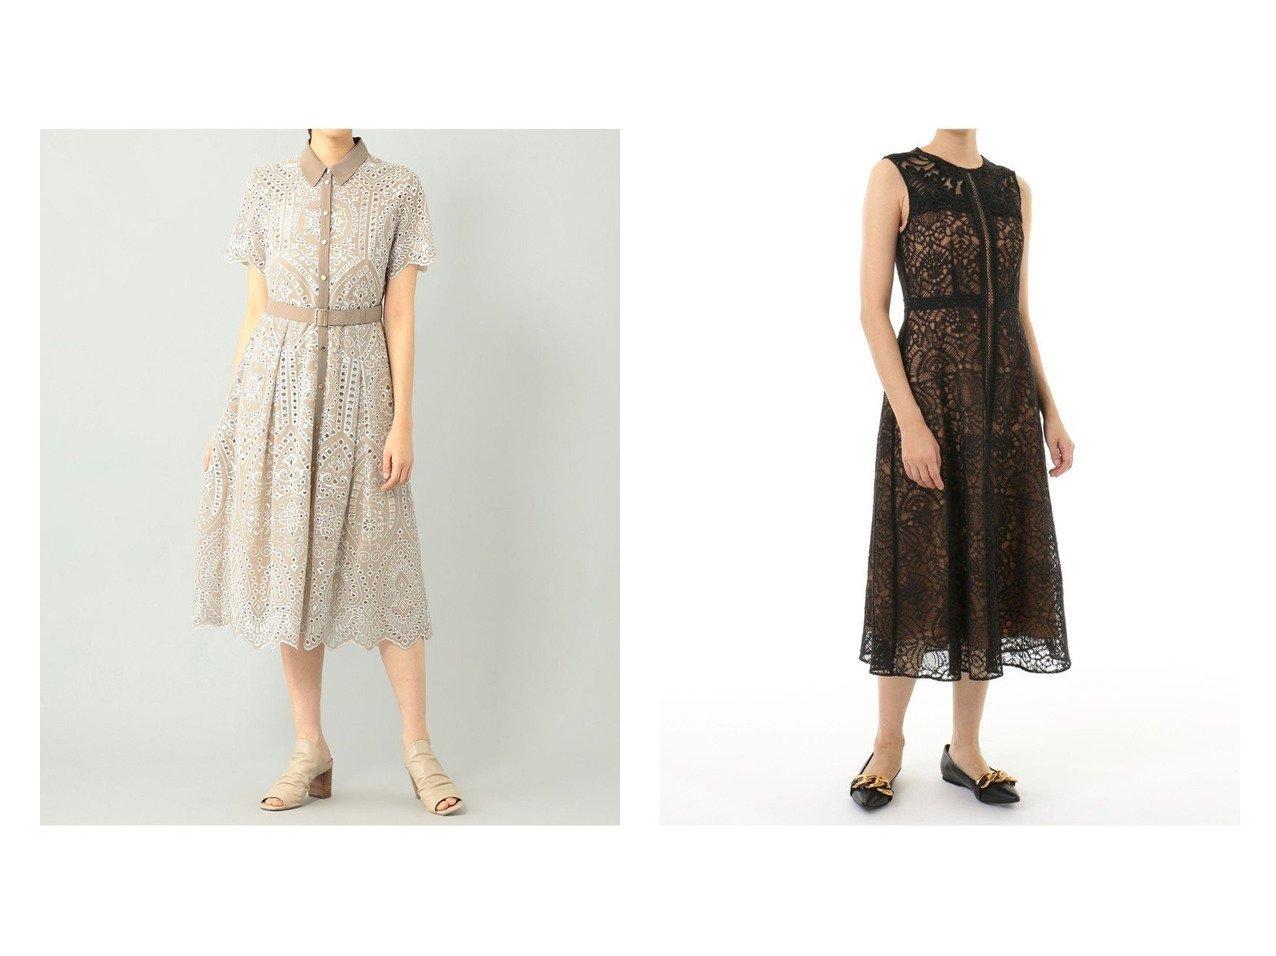 【GRACE CONTINENTAL/グレース コンチネンタル】のレースコンビラインドレス&ジョーゼットカットワークワンピース 【ワンピース・ドレス】おすすめ!人気、トレンド・レディースファッションの通販 おすすめで人気の流行・トレンド、ファッションの通販商品 メンズファッション・キッズファッション・インテリア・家具・レディースファッション・服の通販 founy(ファニー) https://founy.com/ ファッション Fashion レディースファッション WOMEN ワンピース Dress ドレス Party Dresses NEW・新作・新着・新入荷 New Arrivals スカラップ フォーマル ワーク |ID:crp329100000037701